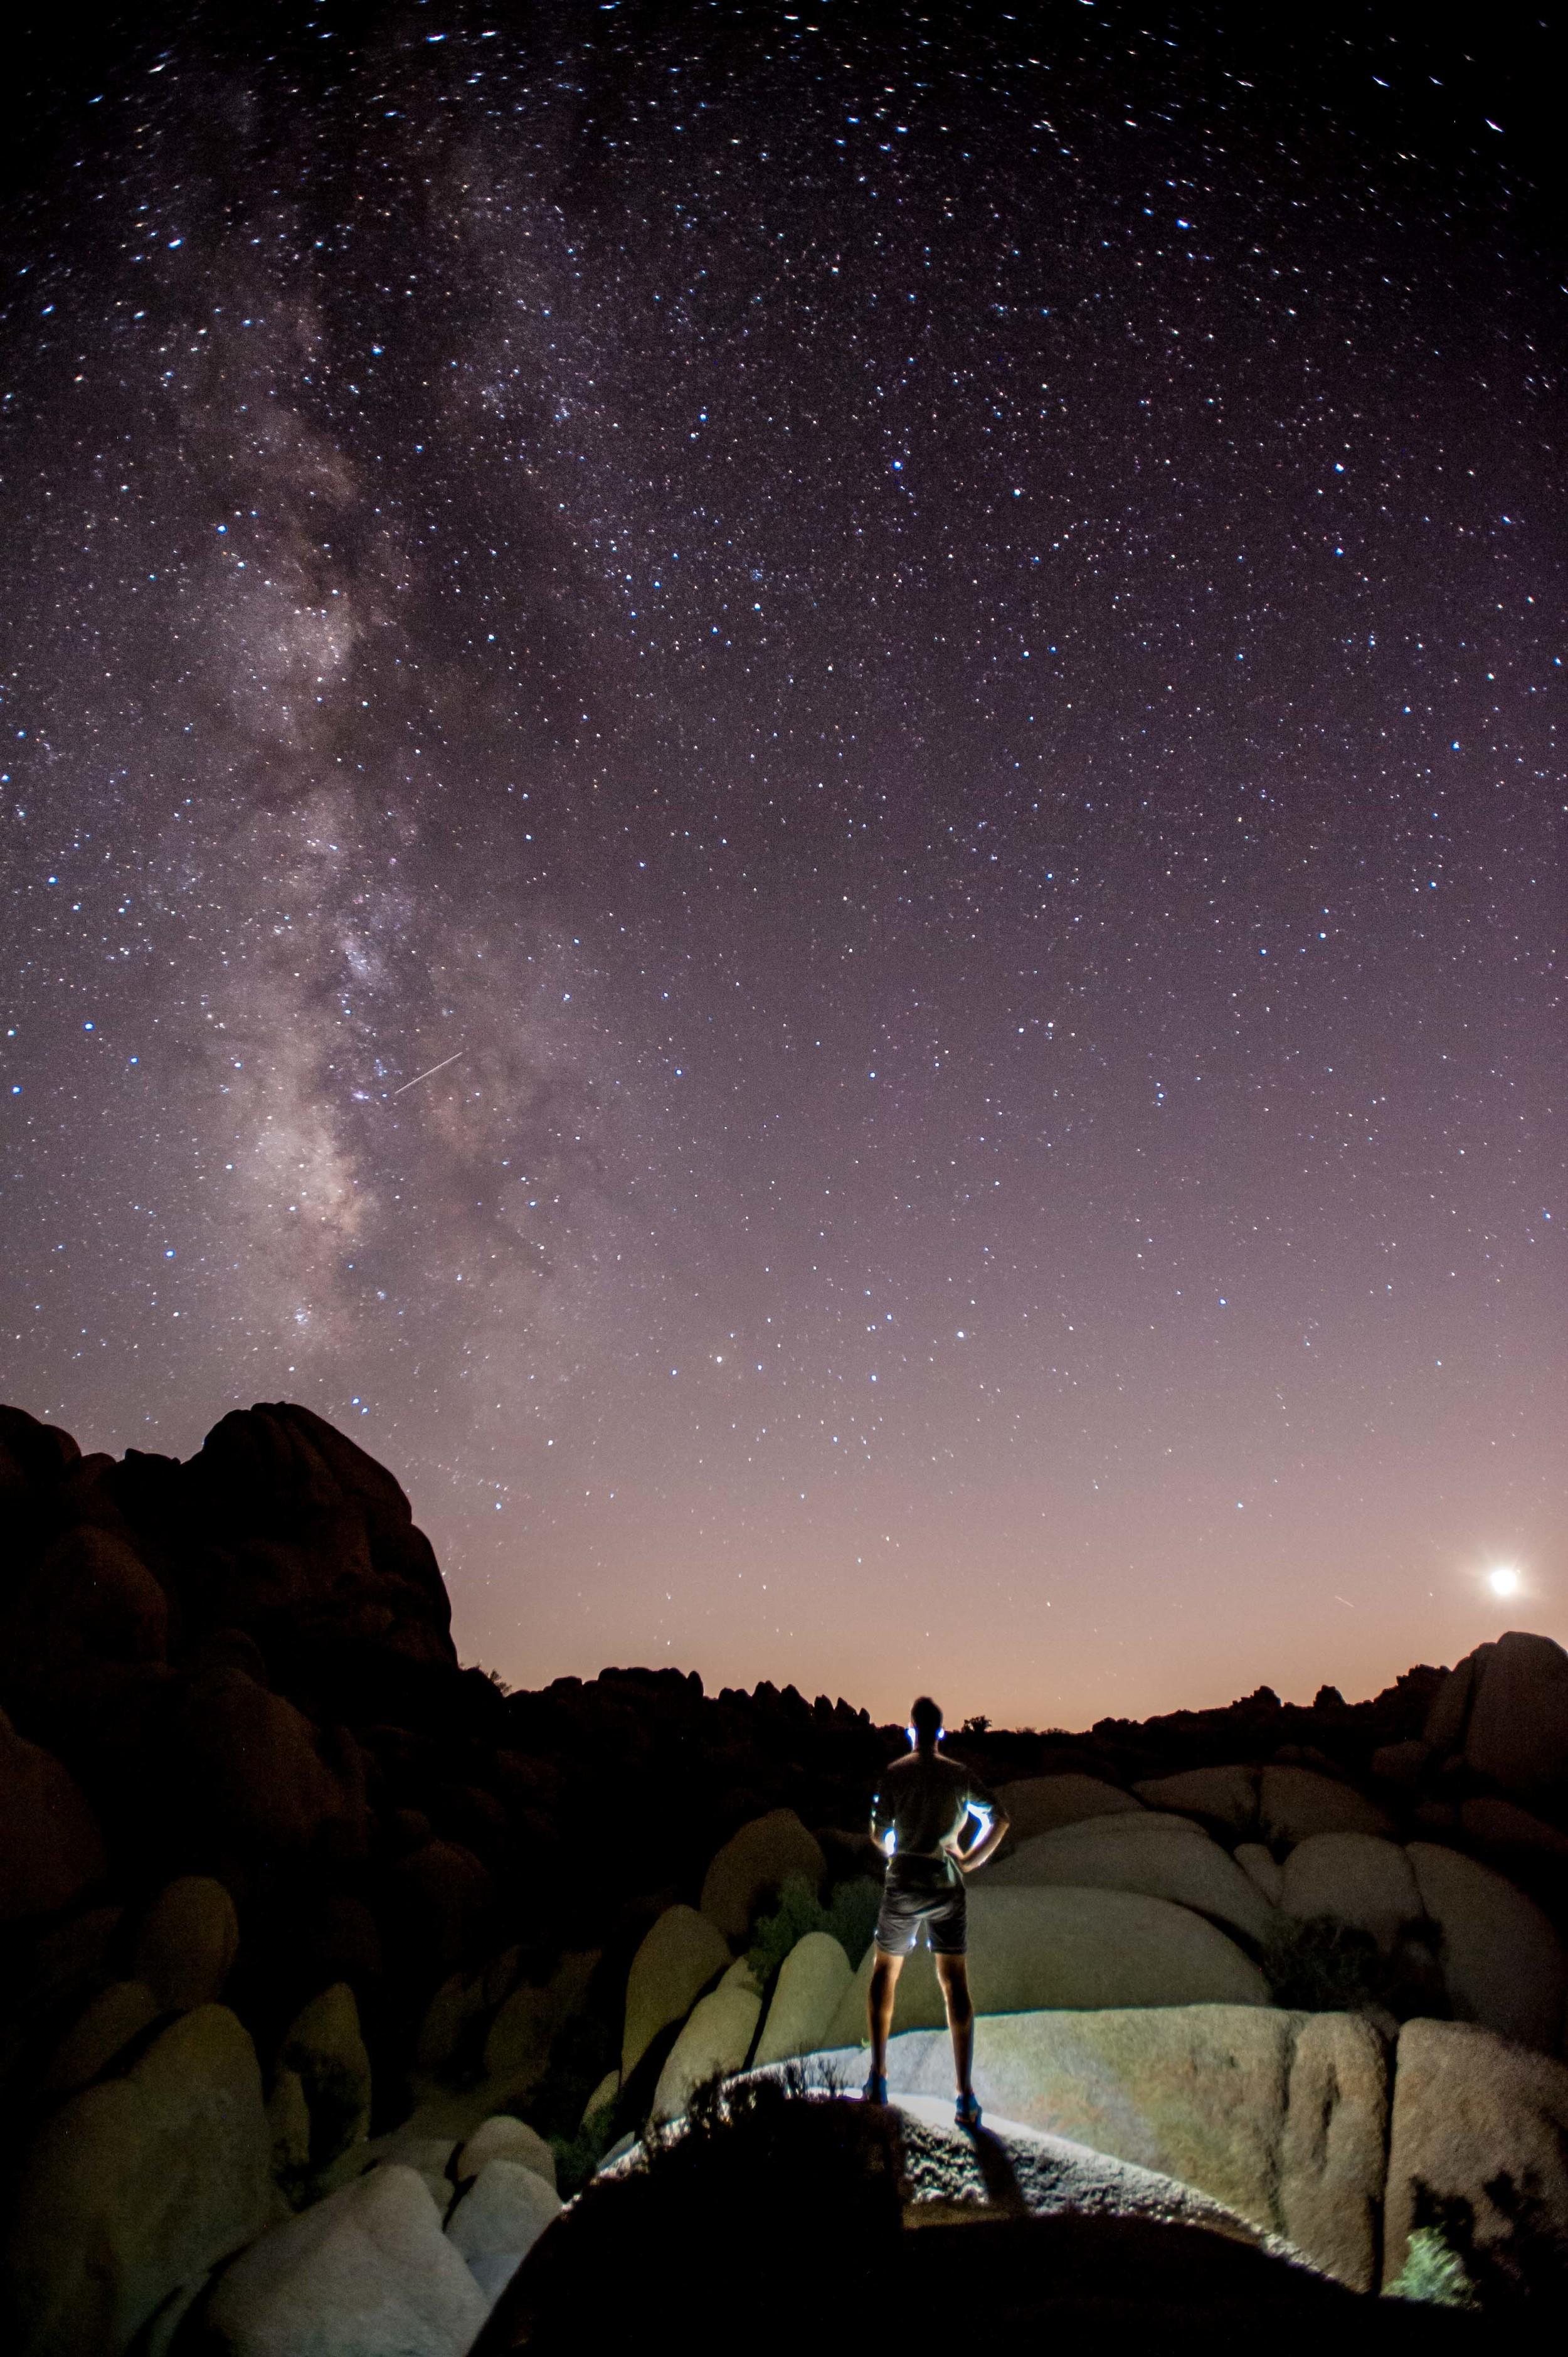 Looking at Space-8335.jpg